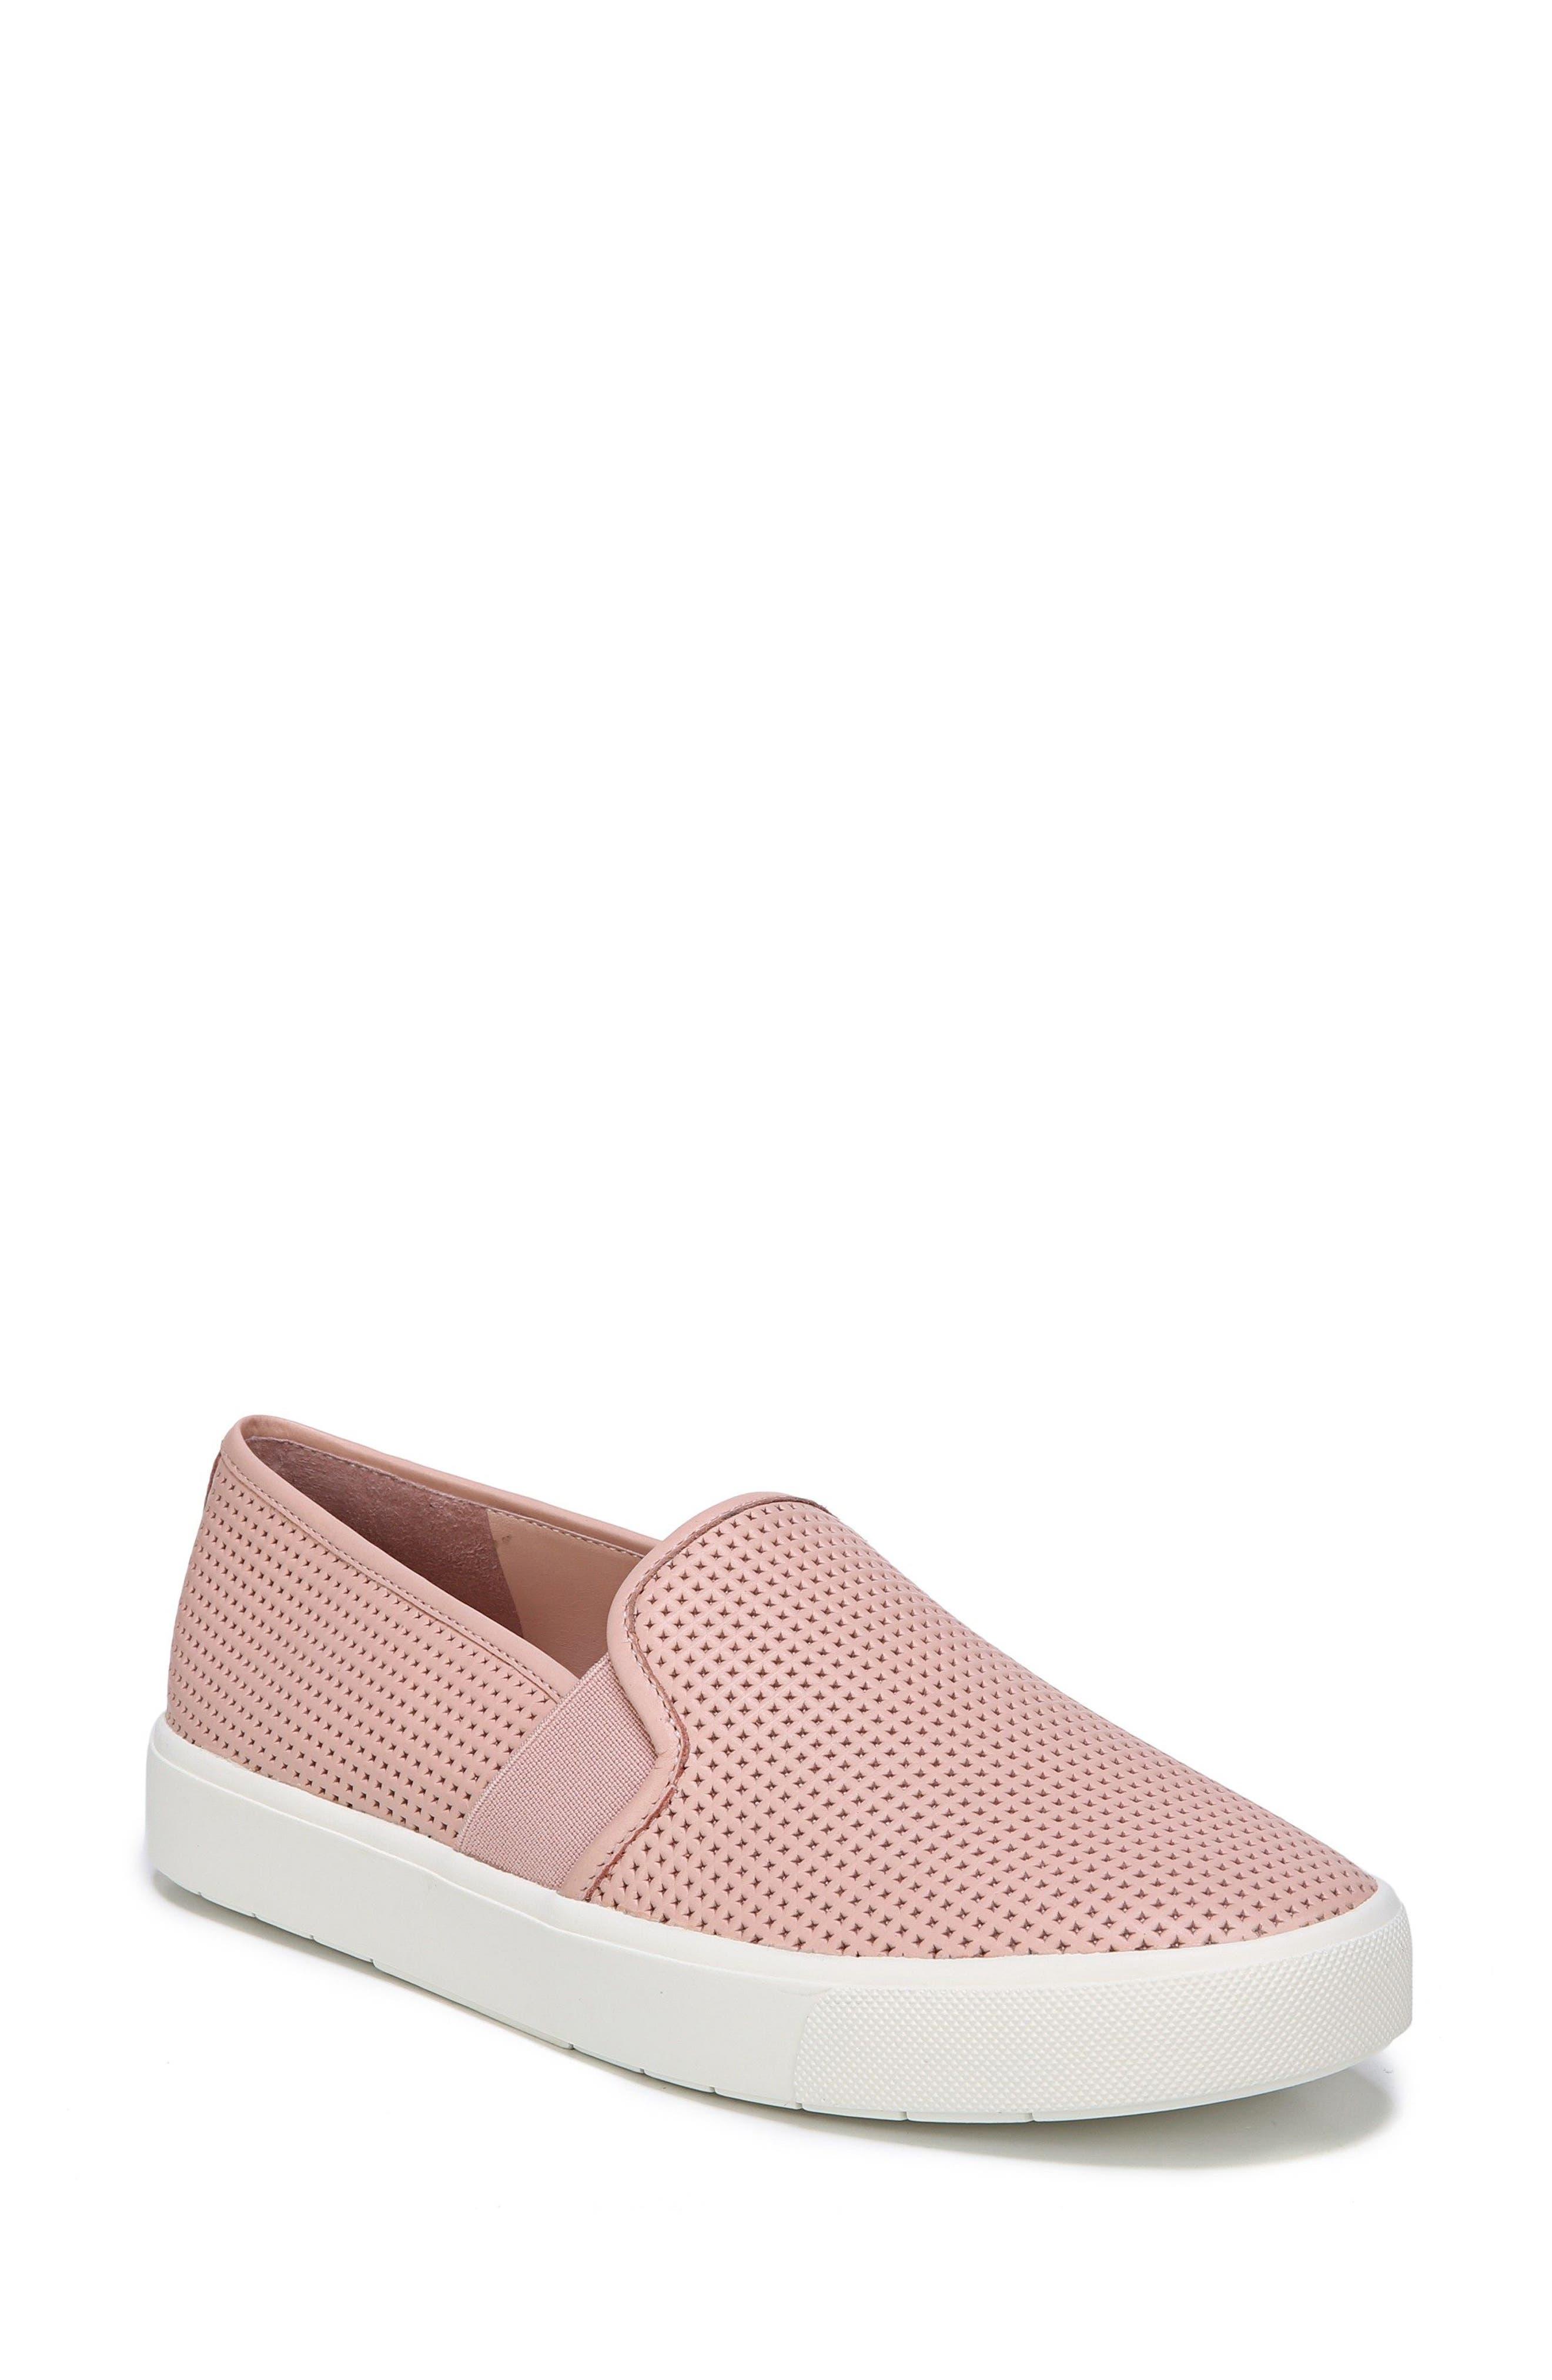 Alternate Image 1 Selected - Vince Blair 5 Slip-On Sneaker (Women)